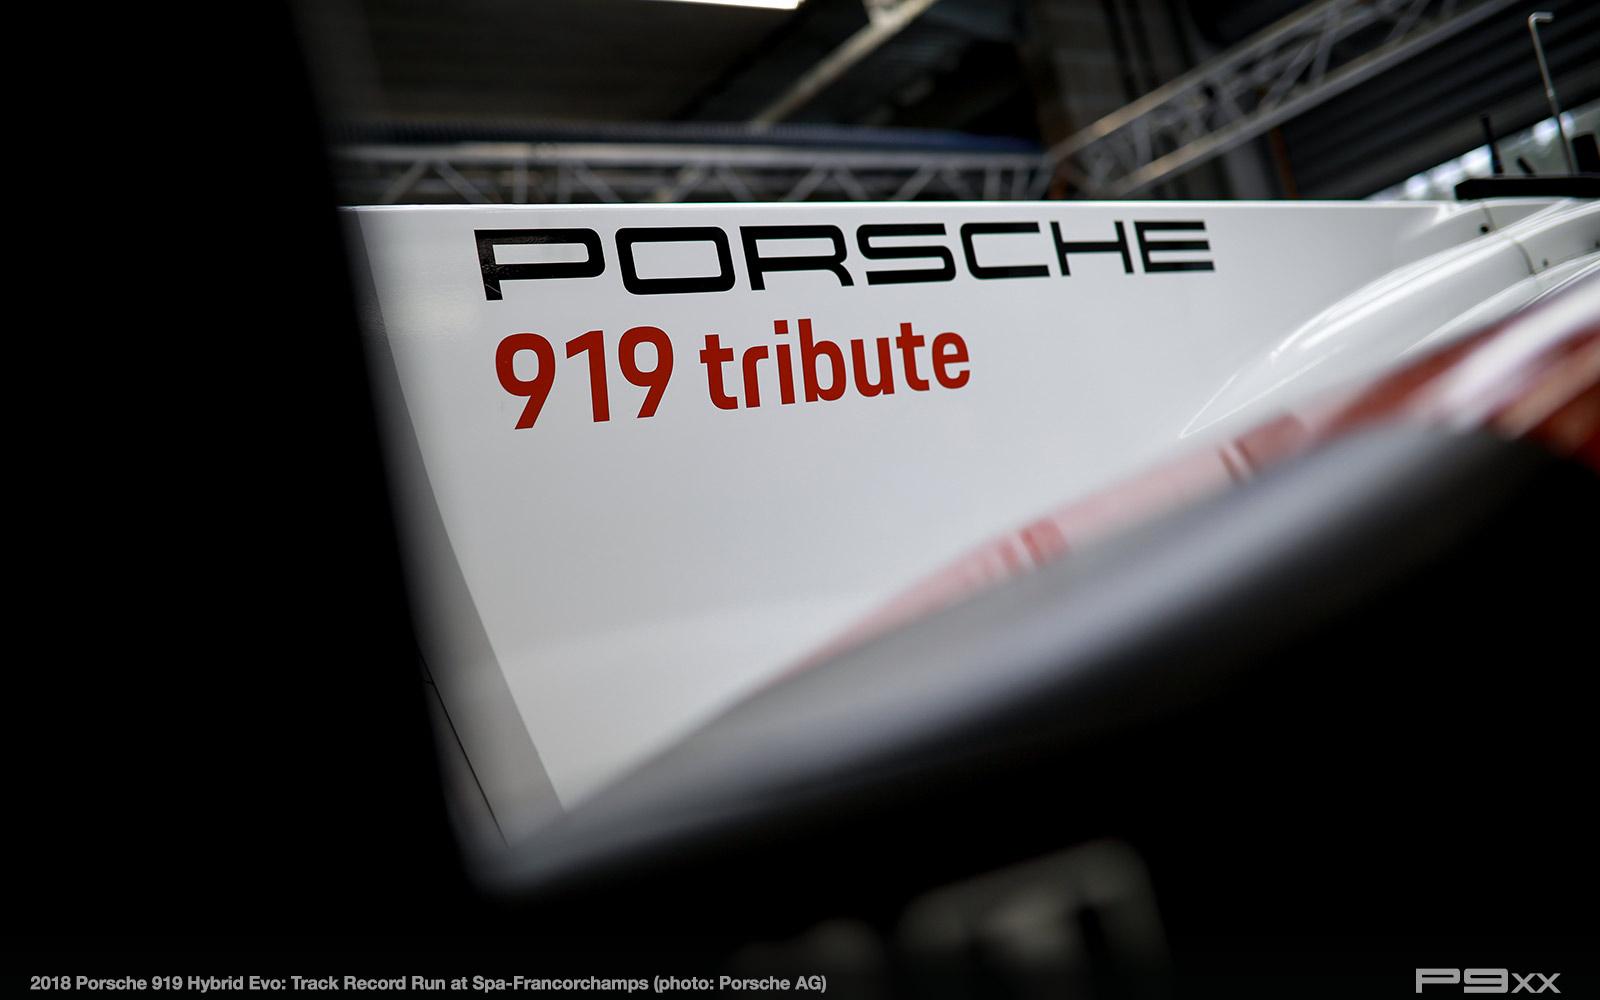 2018-porsche-919-evo-tribute-spa-francorchamps-502